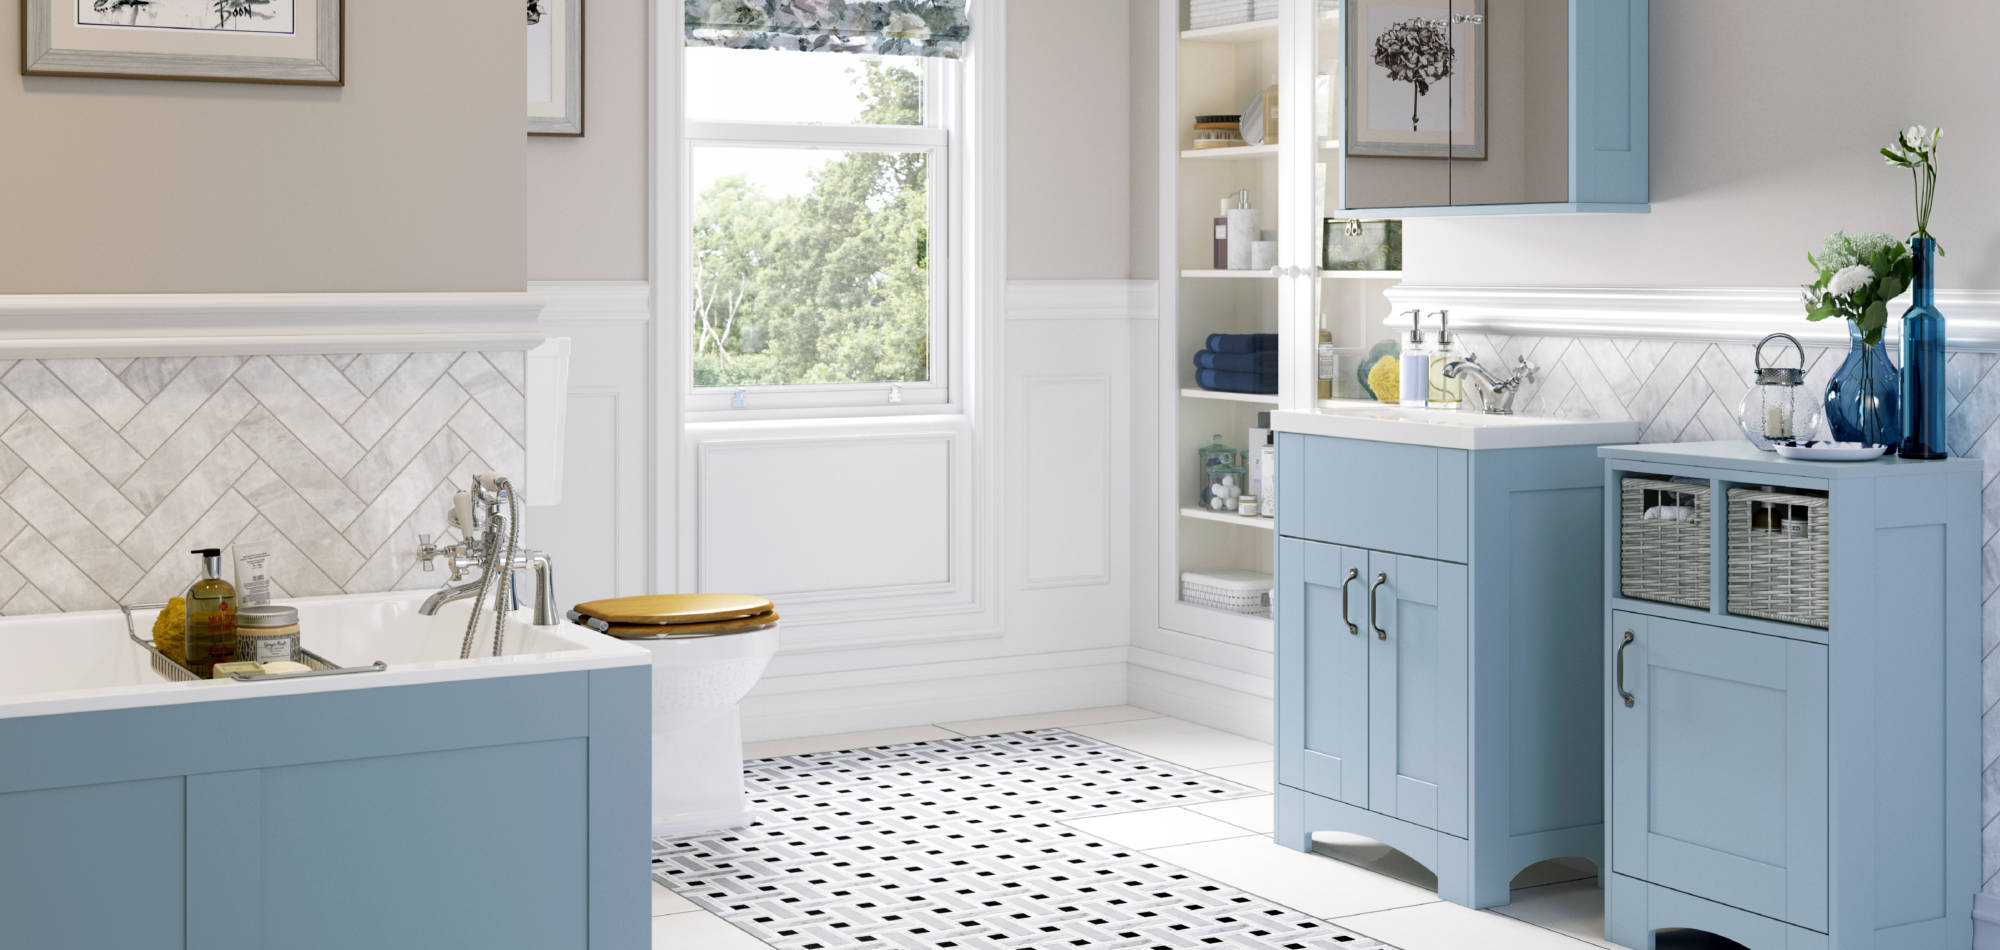 mereway bathrooms sky blue matt